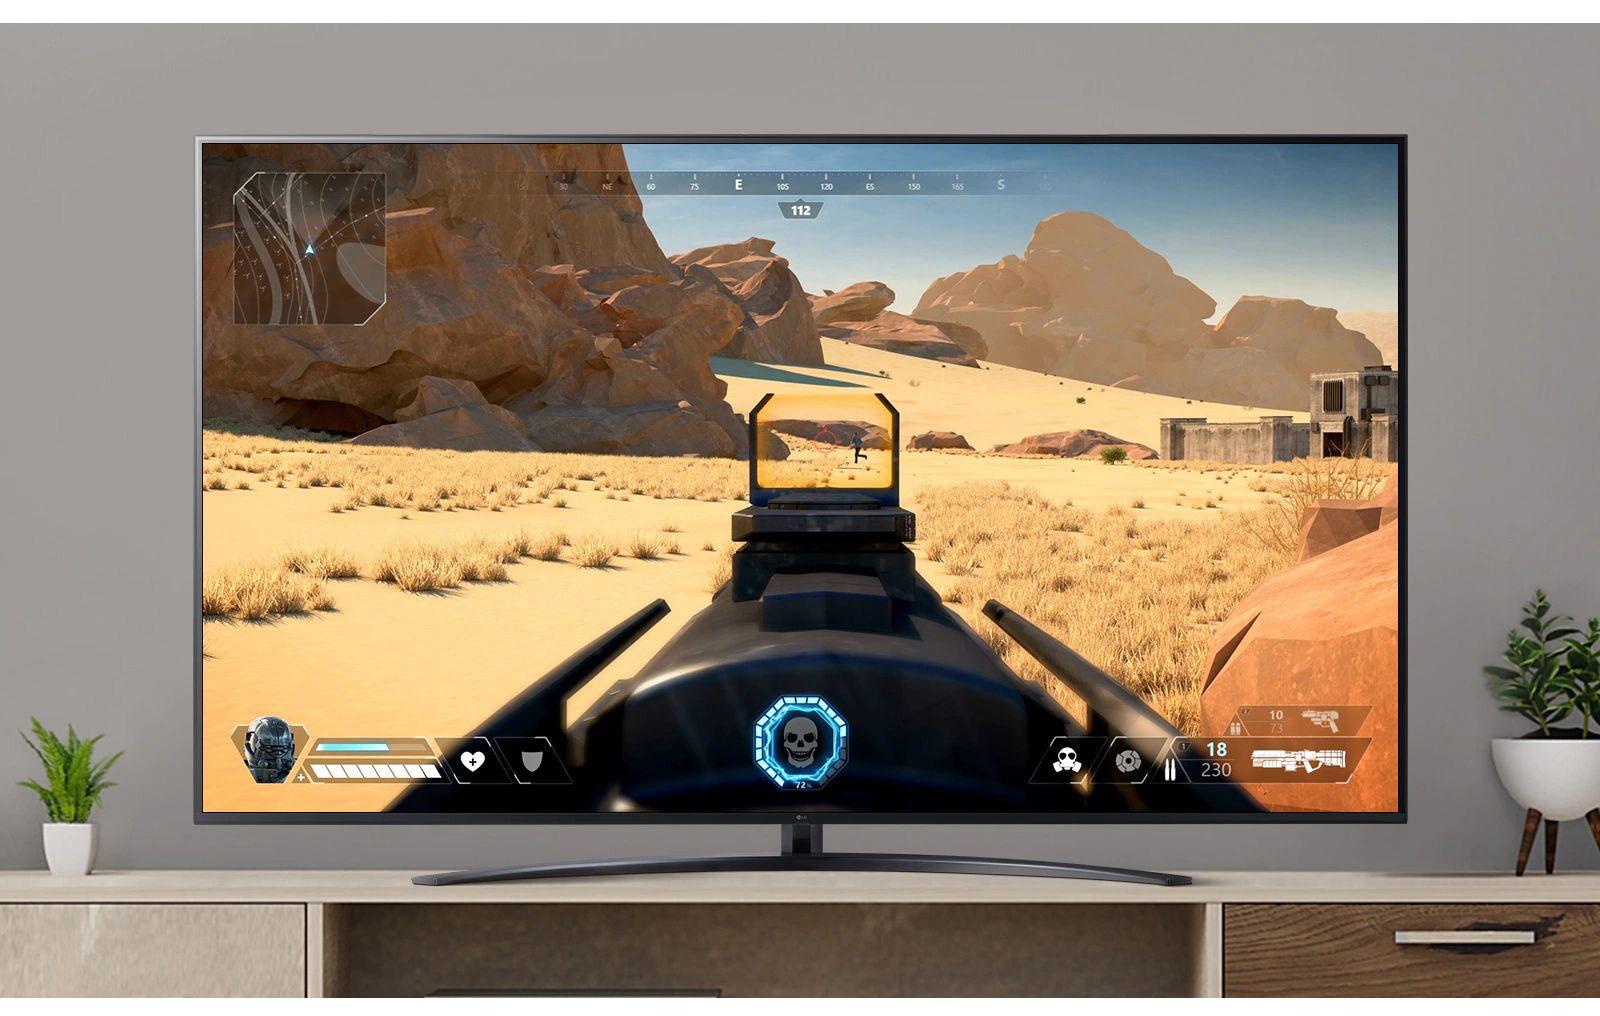 Een tv-scherm waarop een video wordt afgespeeld van een FPS-game waarin een vijand wordt neergeschoten. (Speel de video af)